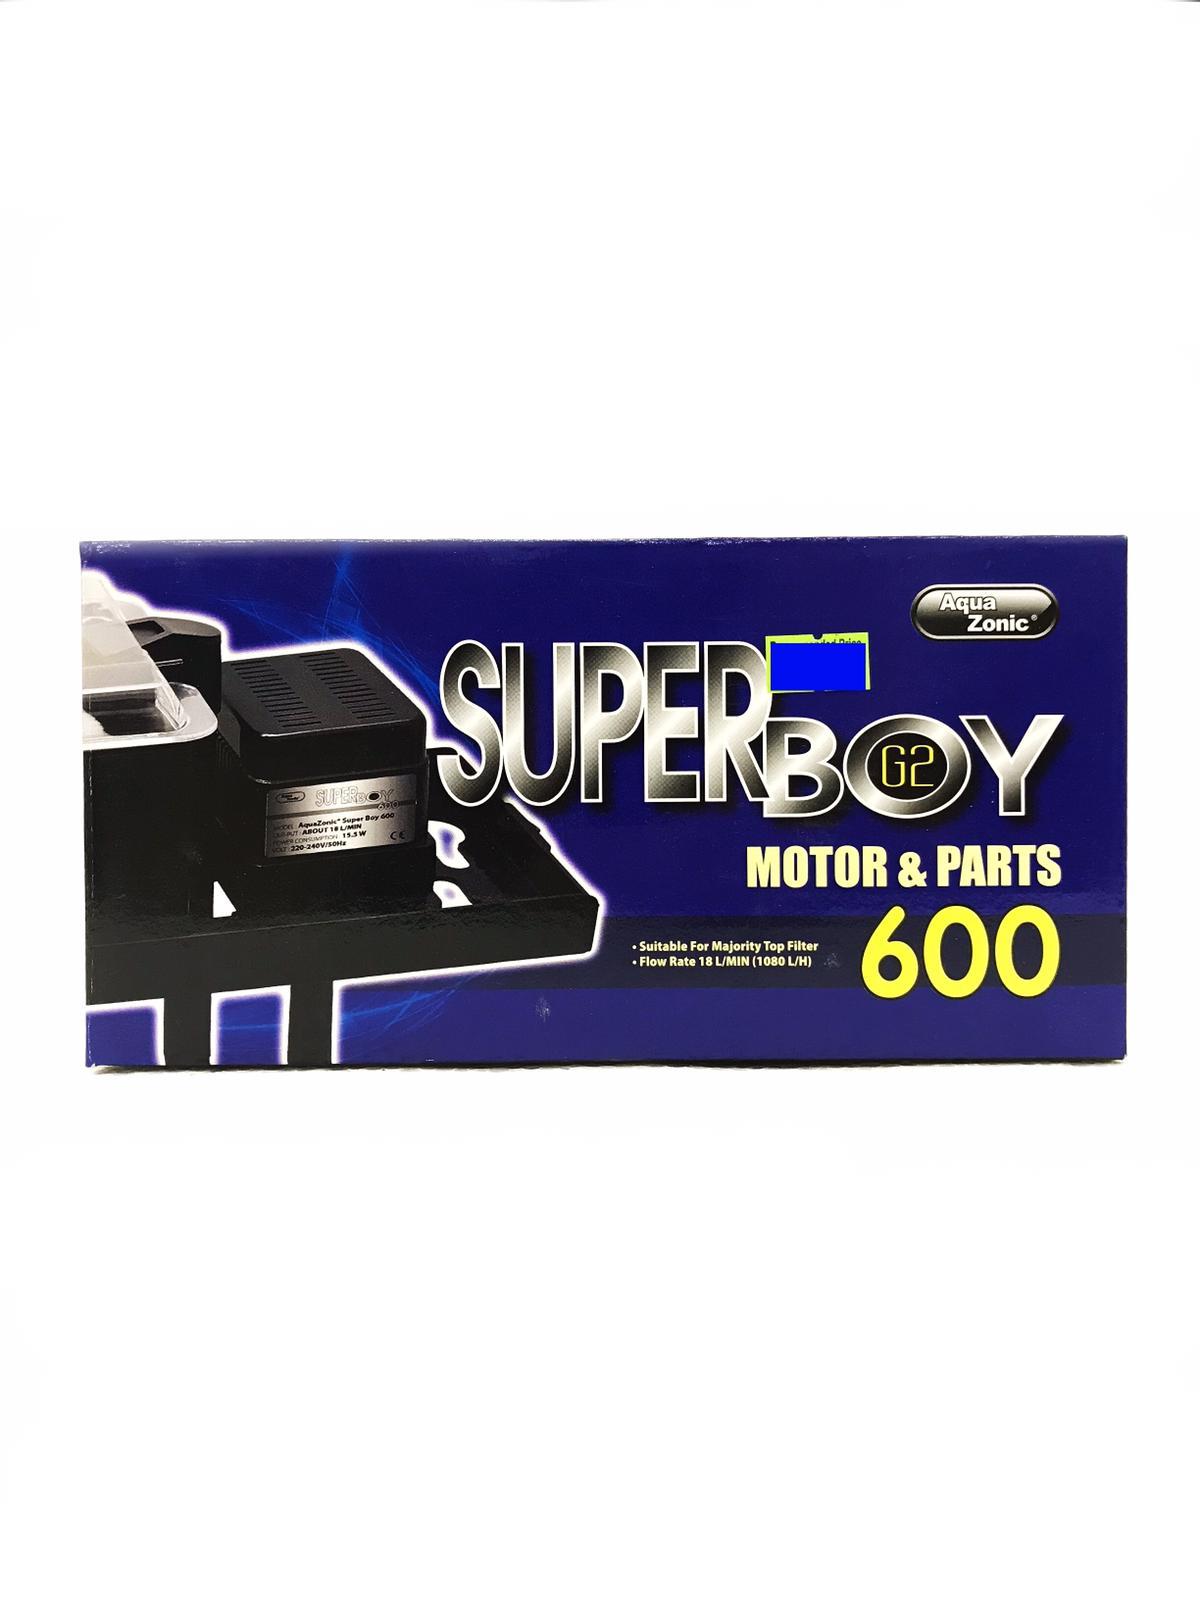 Aqua Zonic Super Boy G2 600 Motor & Parts